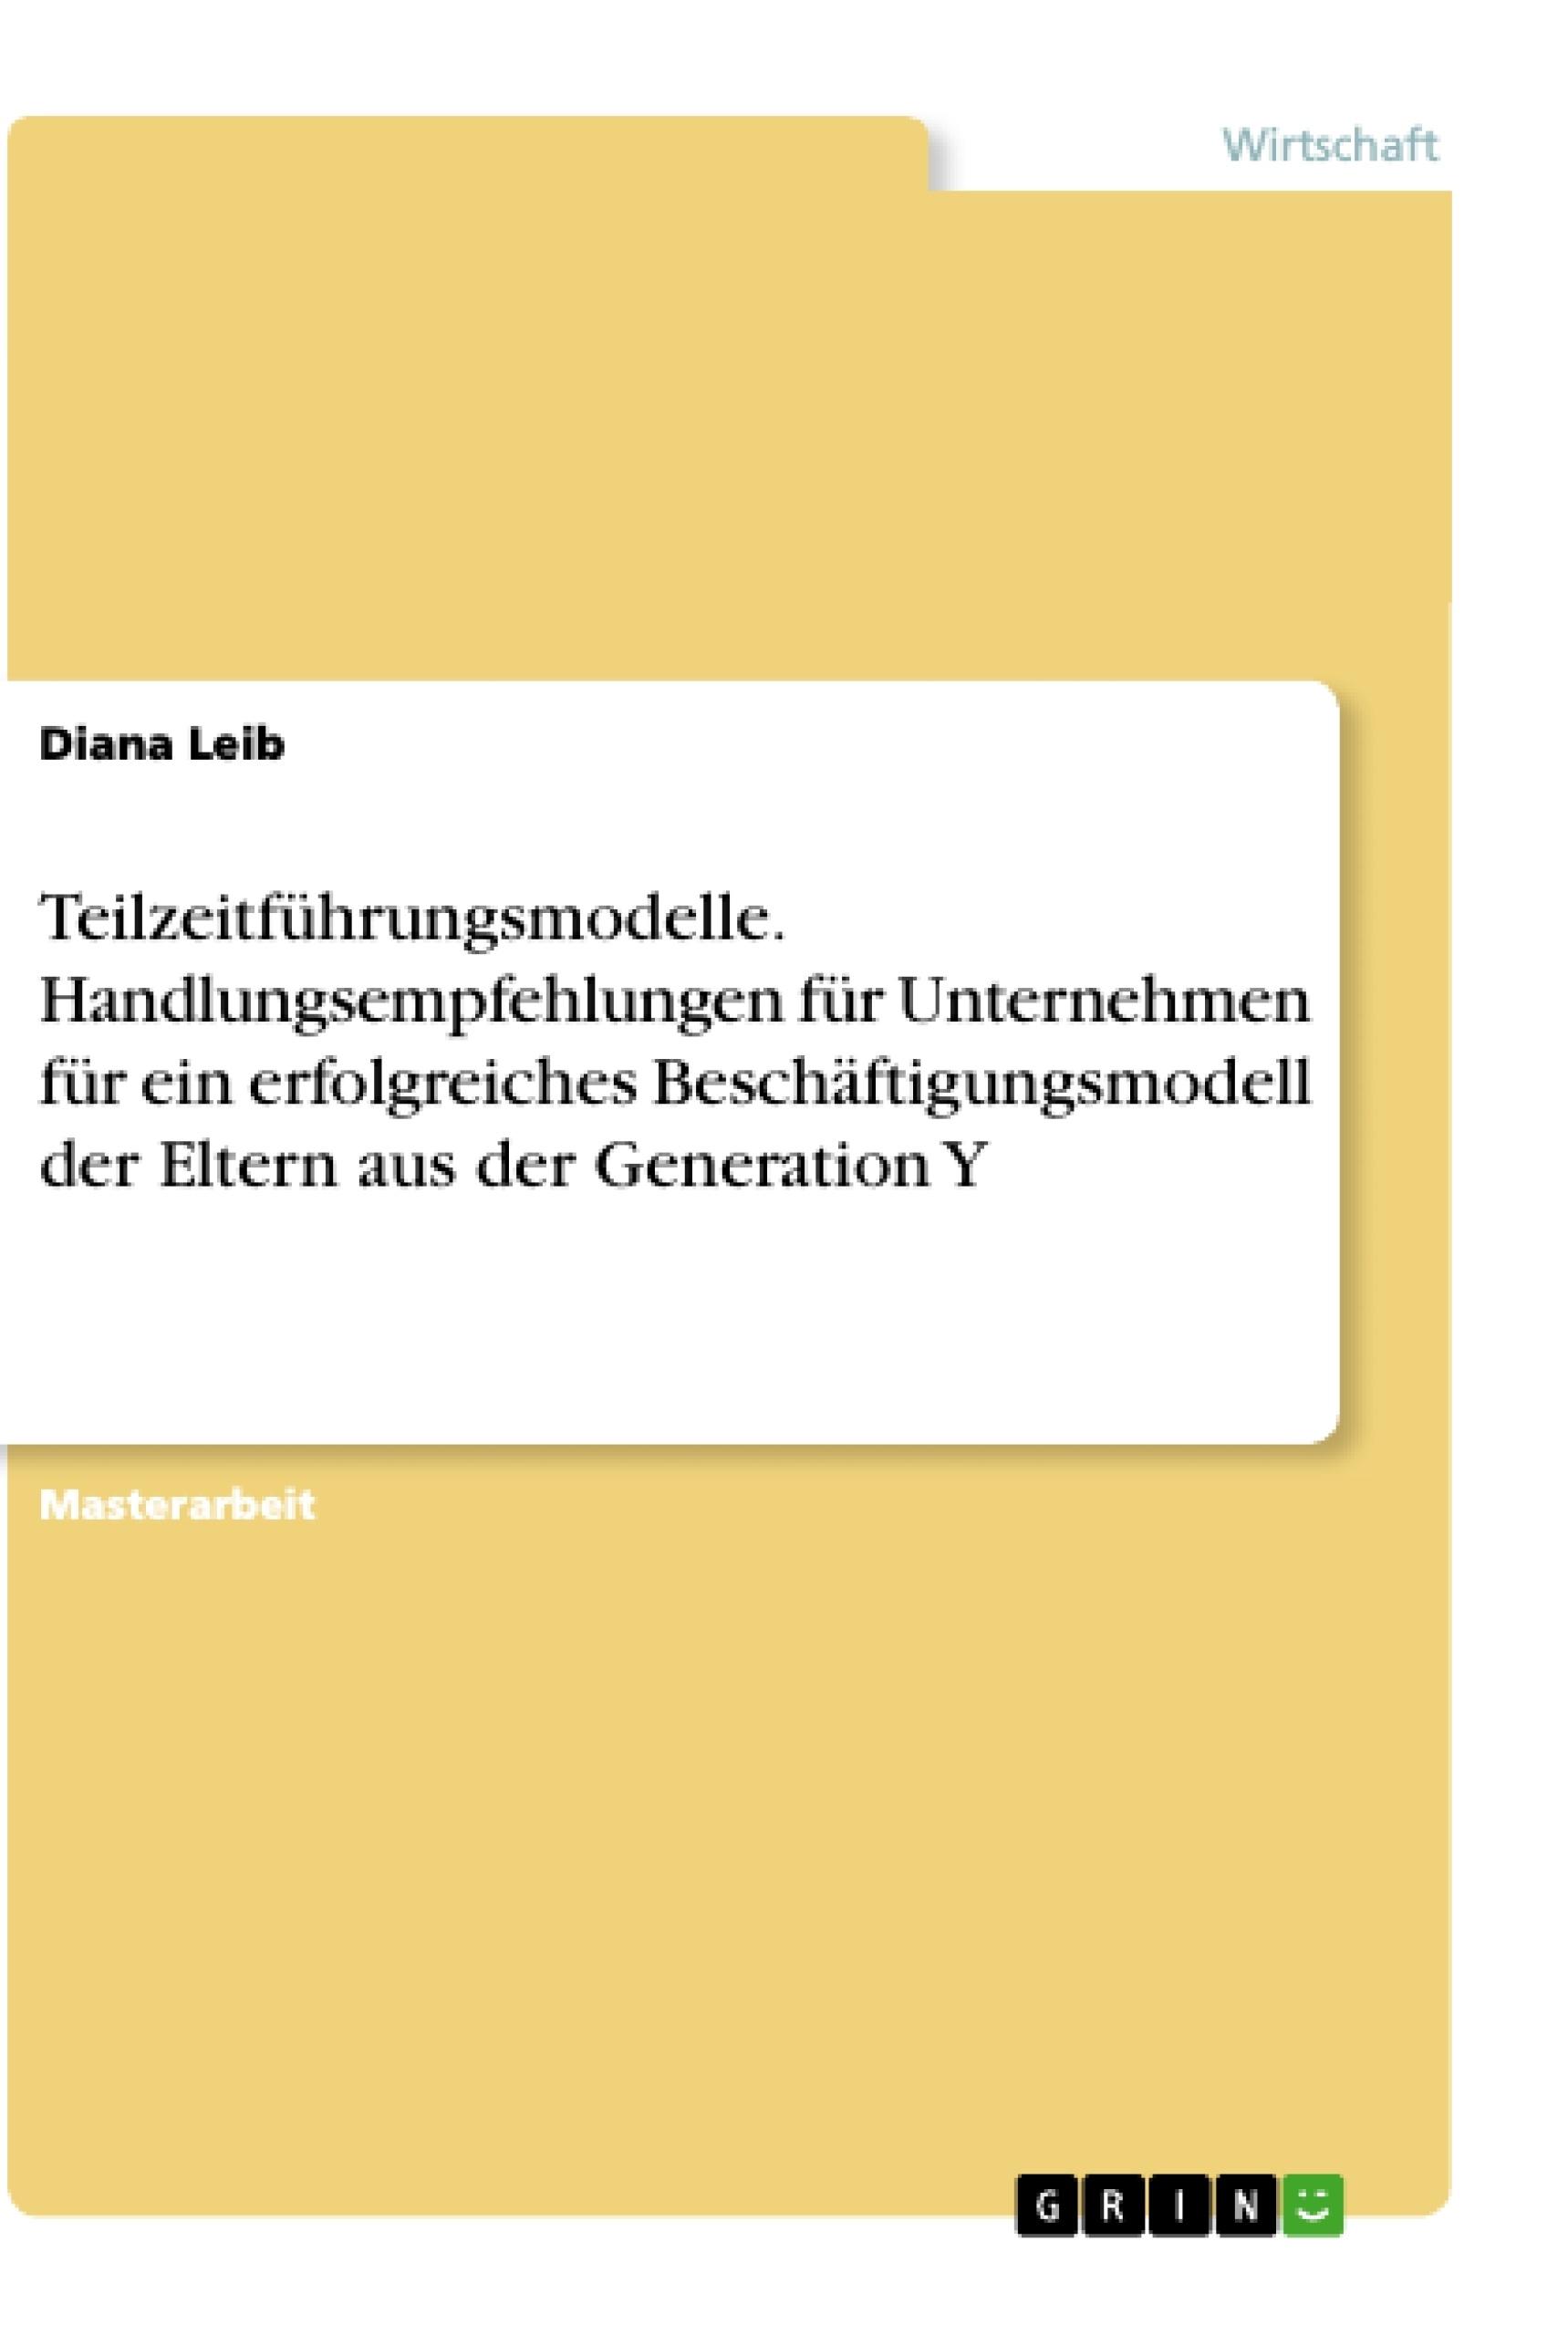 Titel: Teilzeitführungsmodelle. Handlungsempfehlungen für Unternehmen für ein erfolgreiches Beschäftigungsmodell der Eltern aus der Generation Y